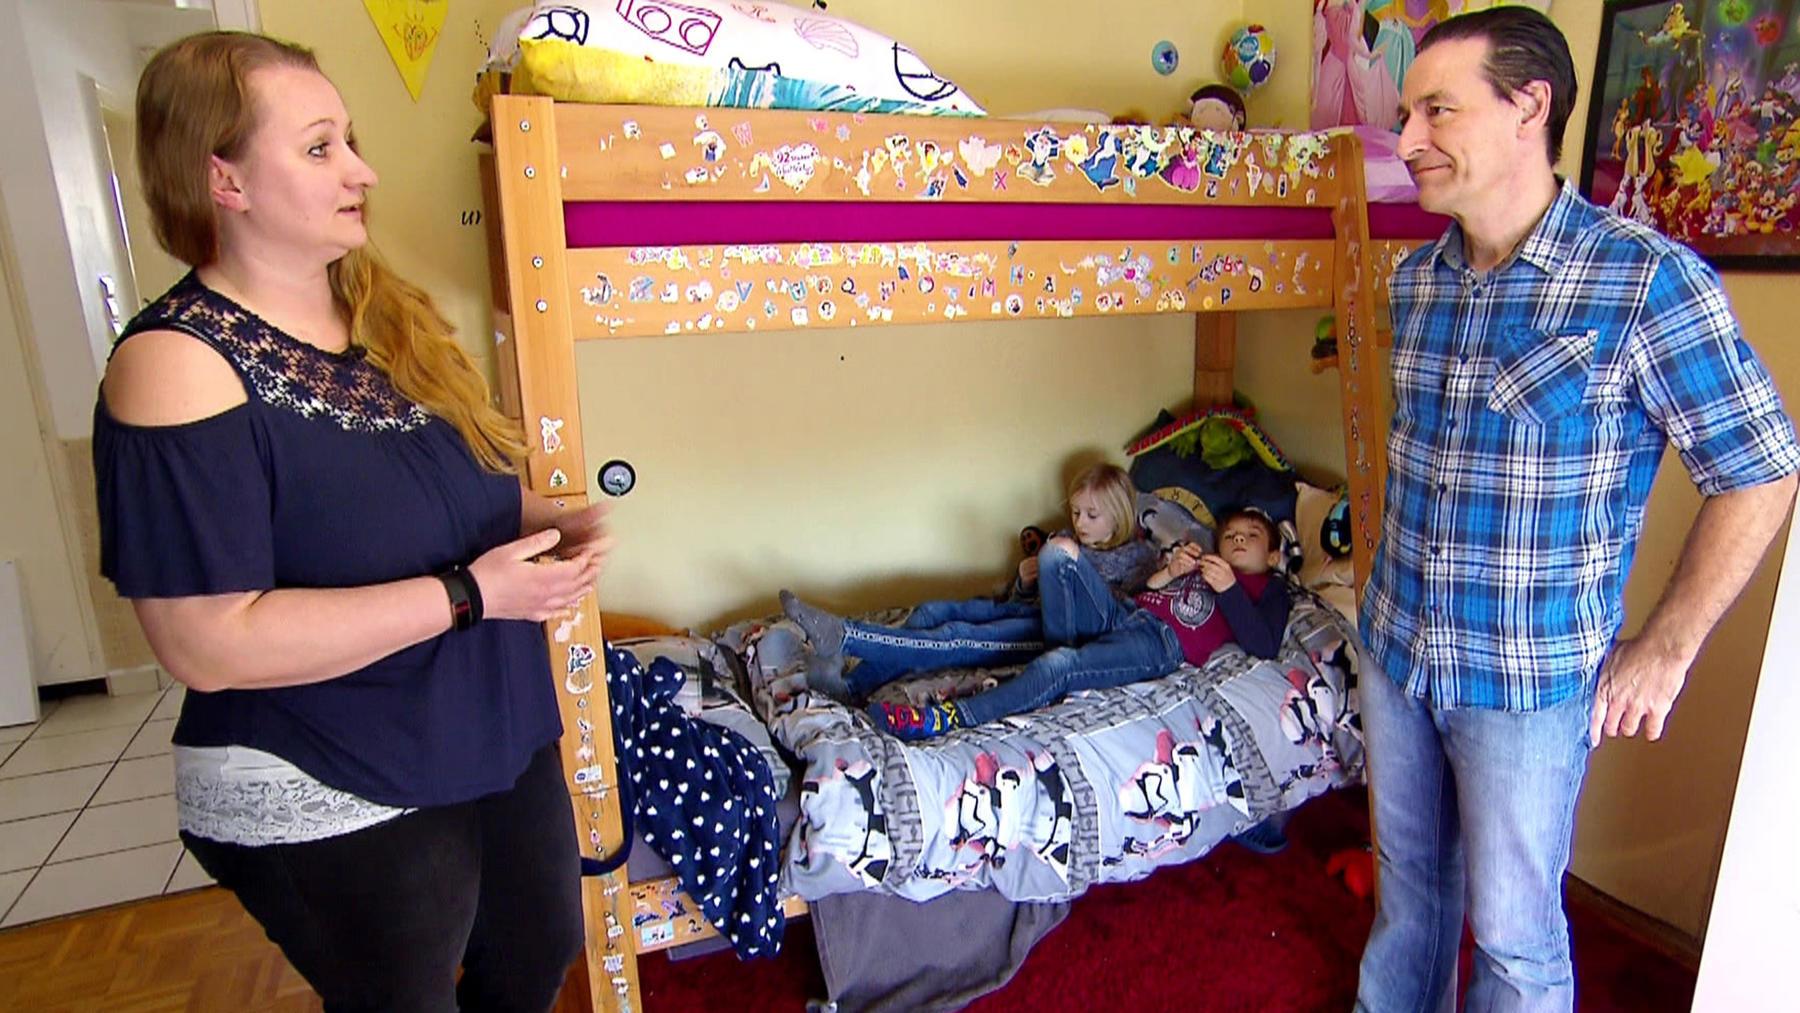 Familie Eiting - Problem: Kinderzimmer